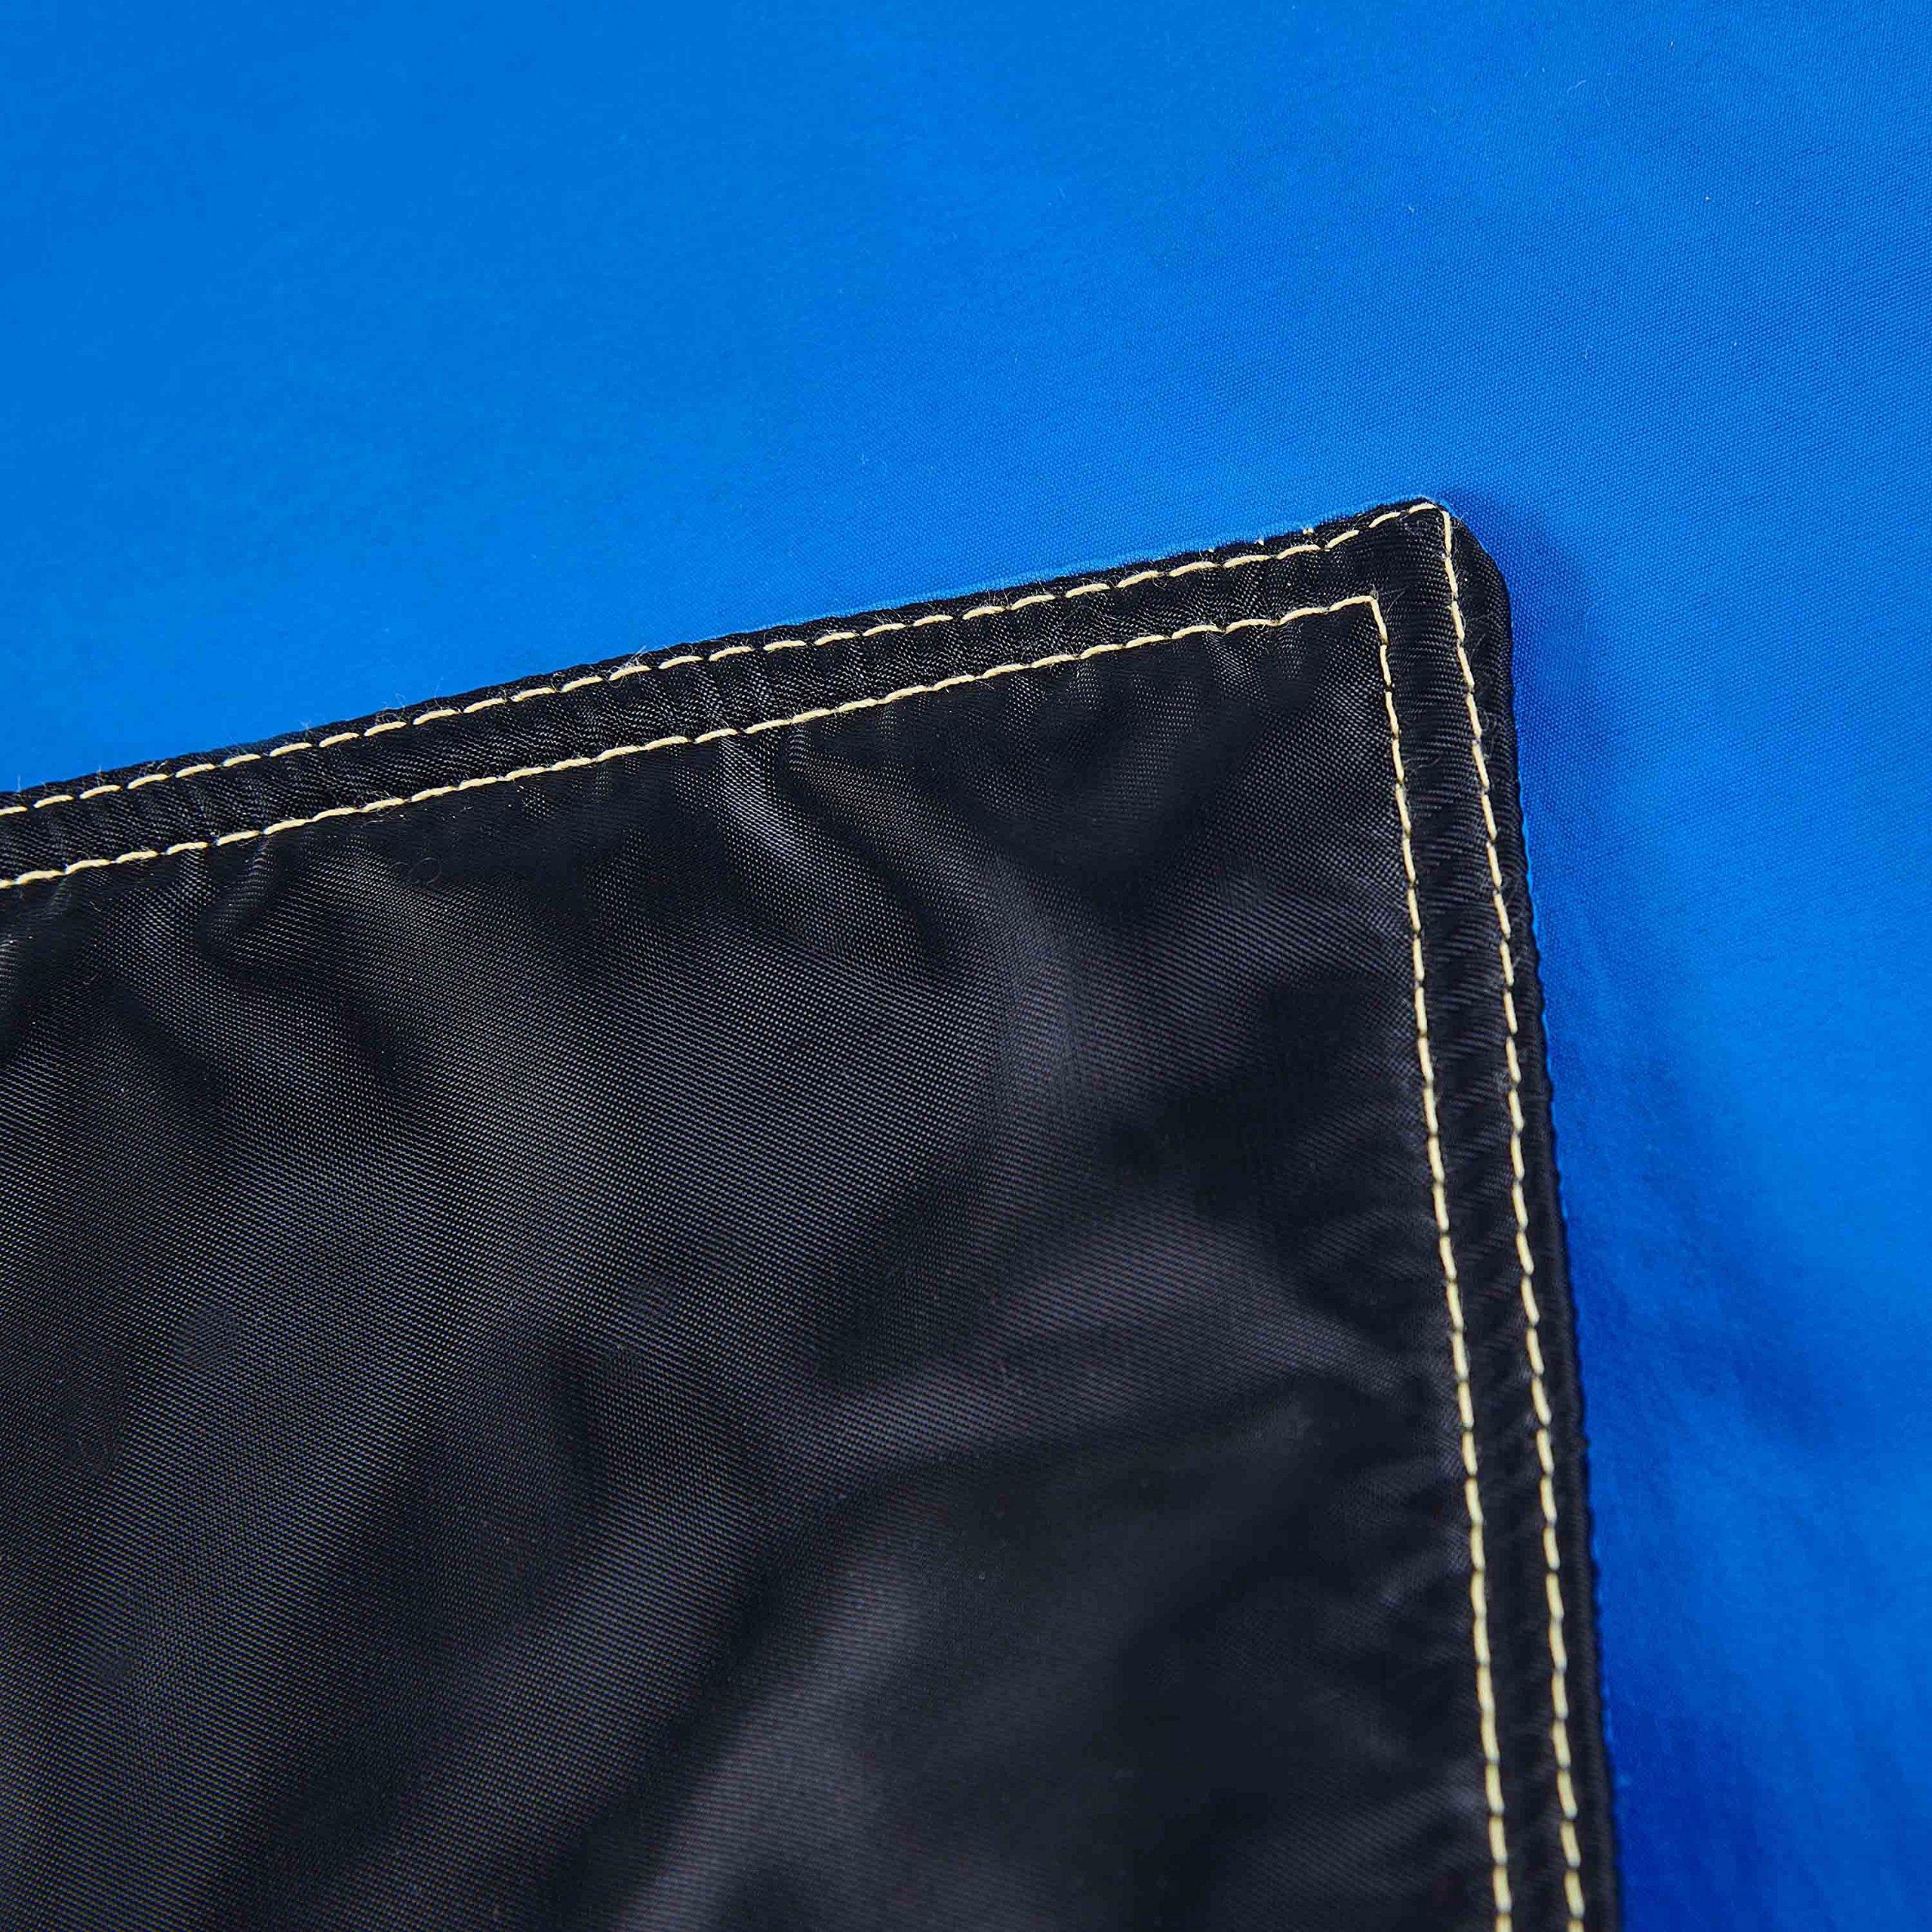 Holulo Safety Cryo-Apron Cryogenic Apron Nitrogen Working Suit 33'' Length x 26'' (L) by Holulo (Image #5)